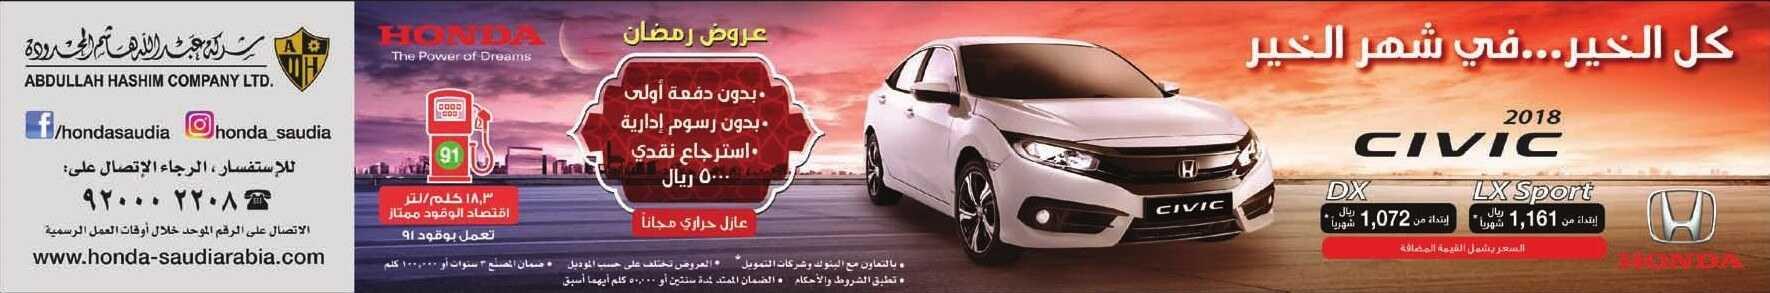 عروض شركة عبد الله هاشم للسيارات